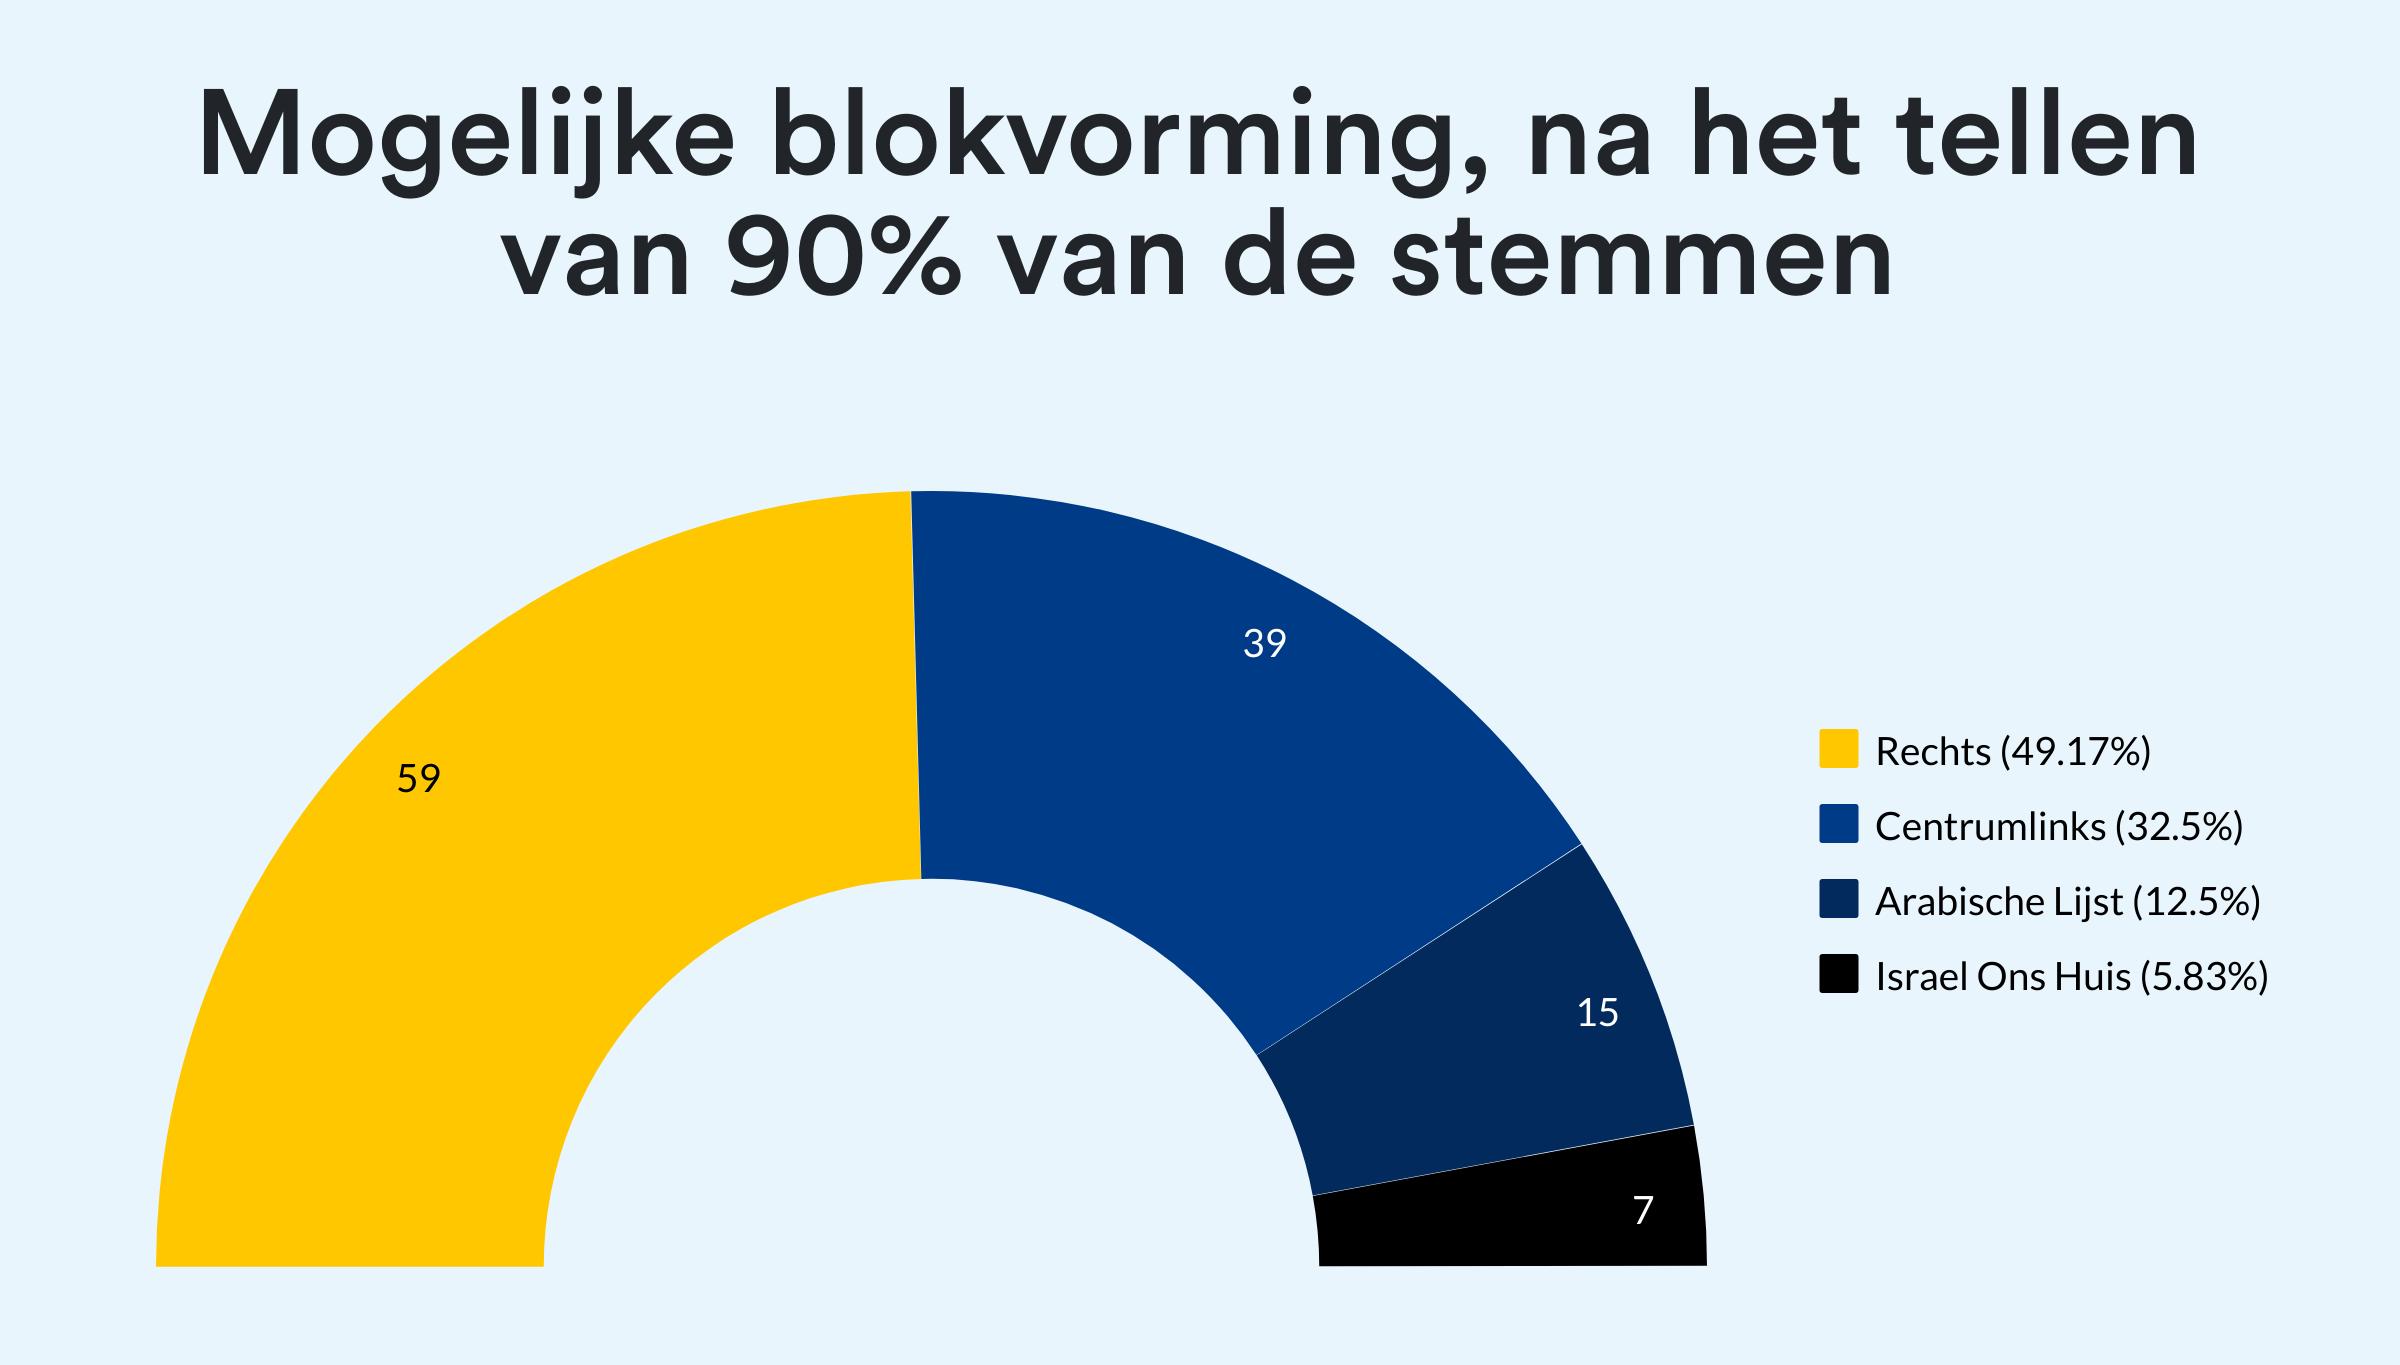 Mogelijke blokvorming, na het tellen van 90% van de stemmen